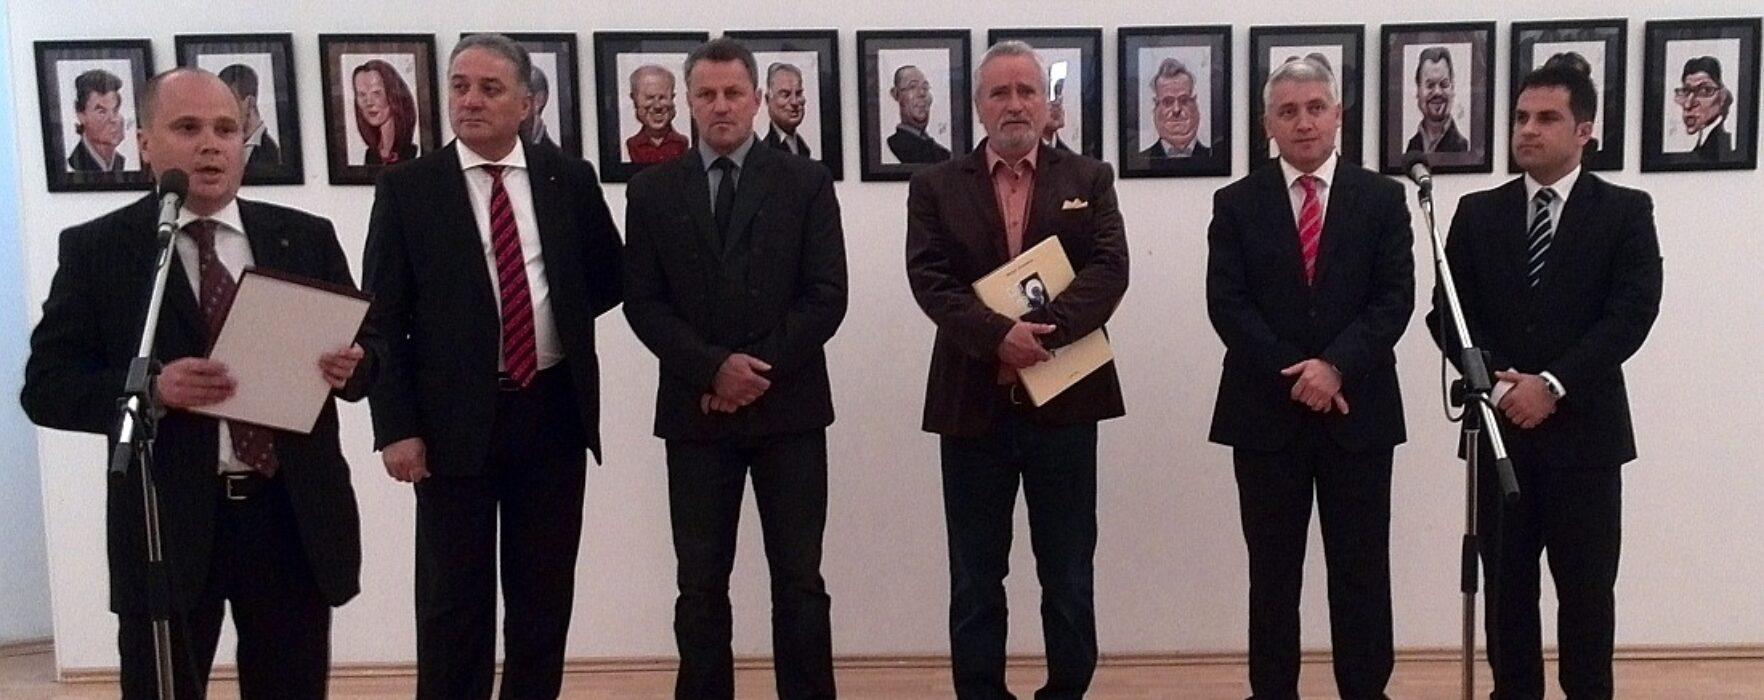 Expoziţie de caricatură Marian Avramescu, la Muzeul de Istorie Târgovişte (video)